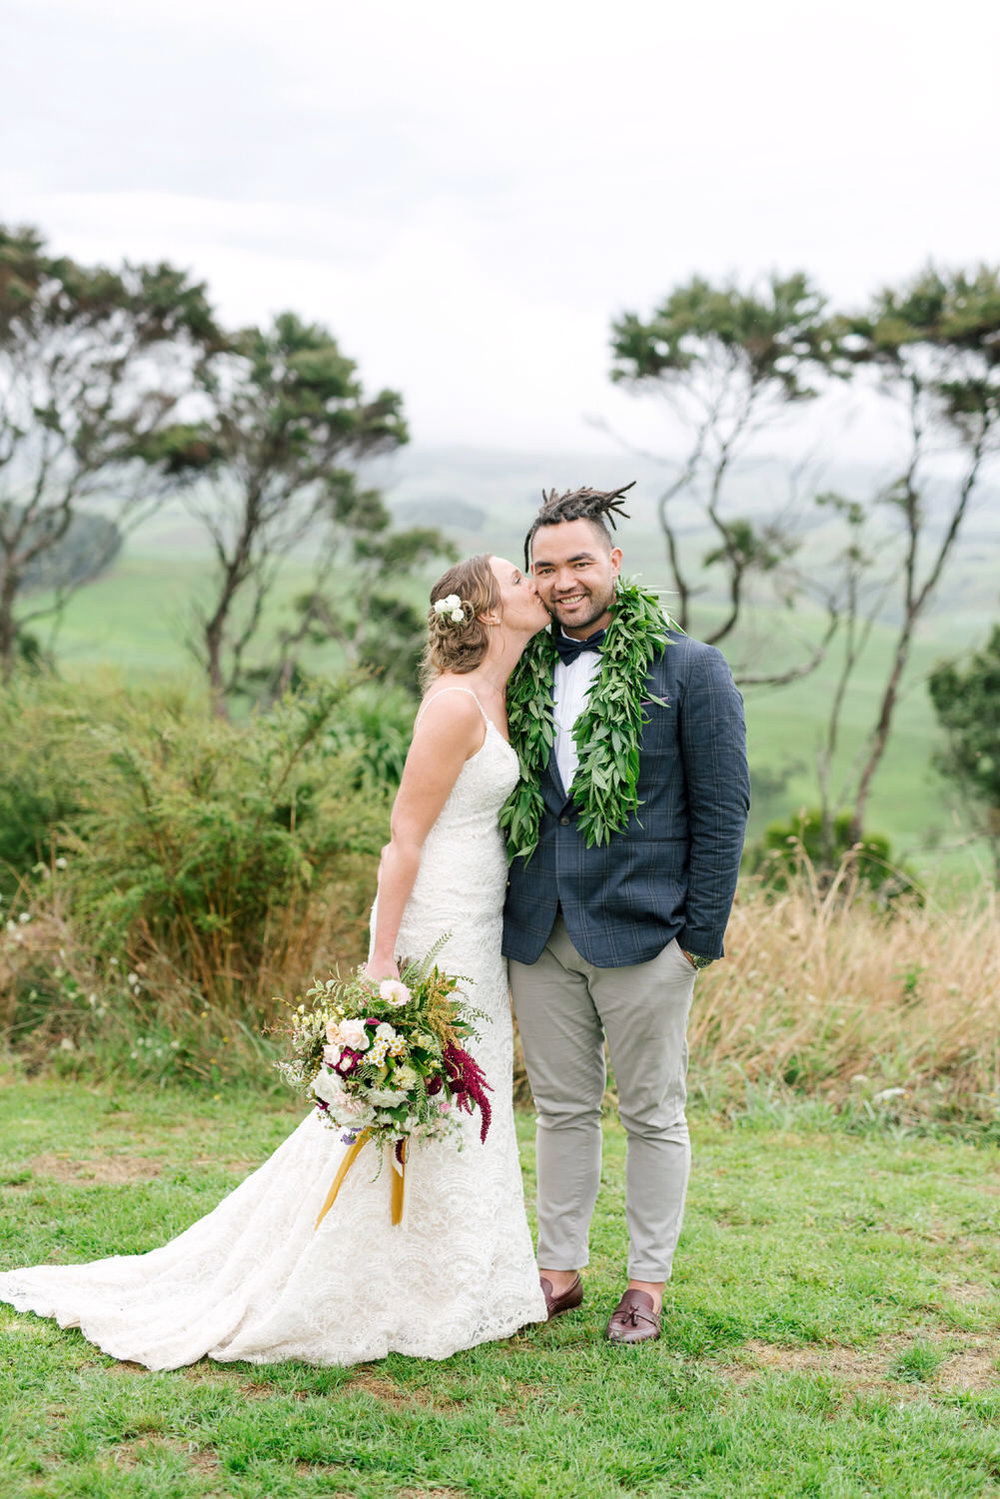 Bottega53©-new zealand wedding - lynsday&dillan-56.JPG